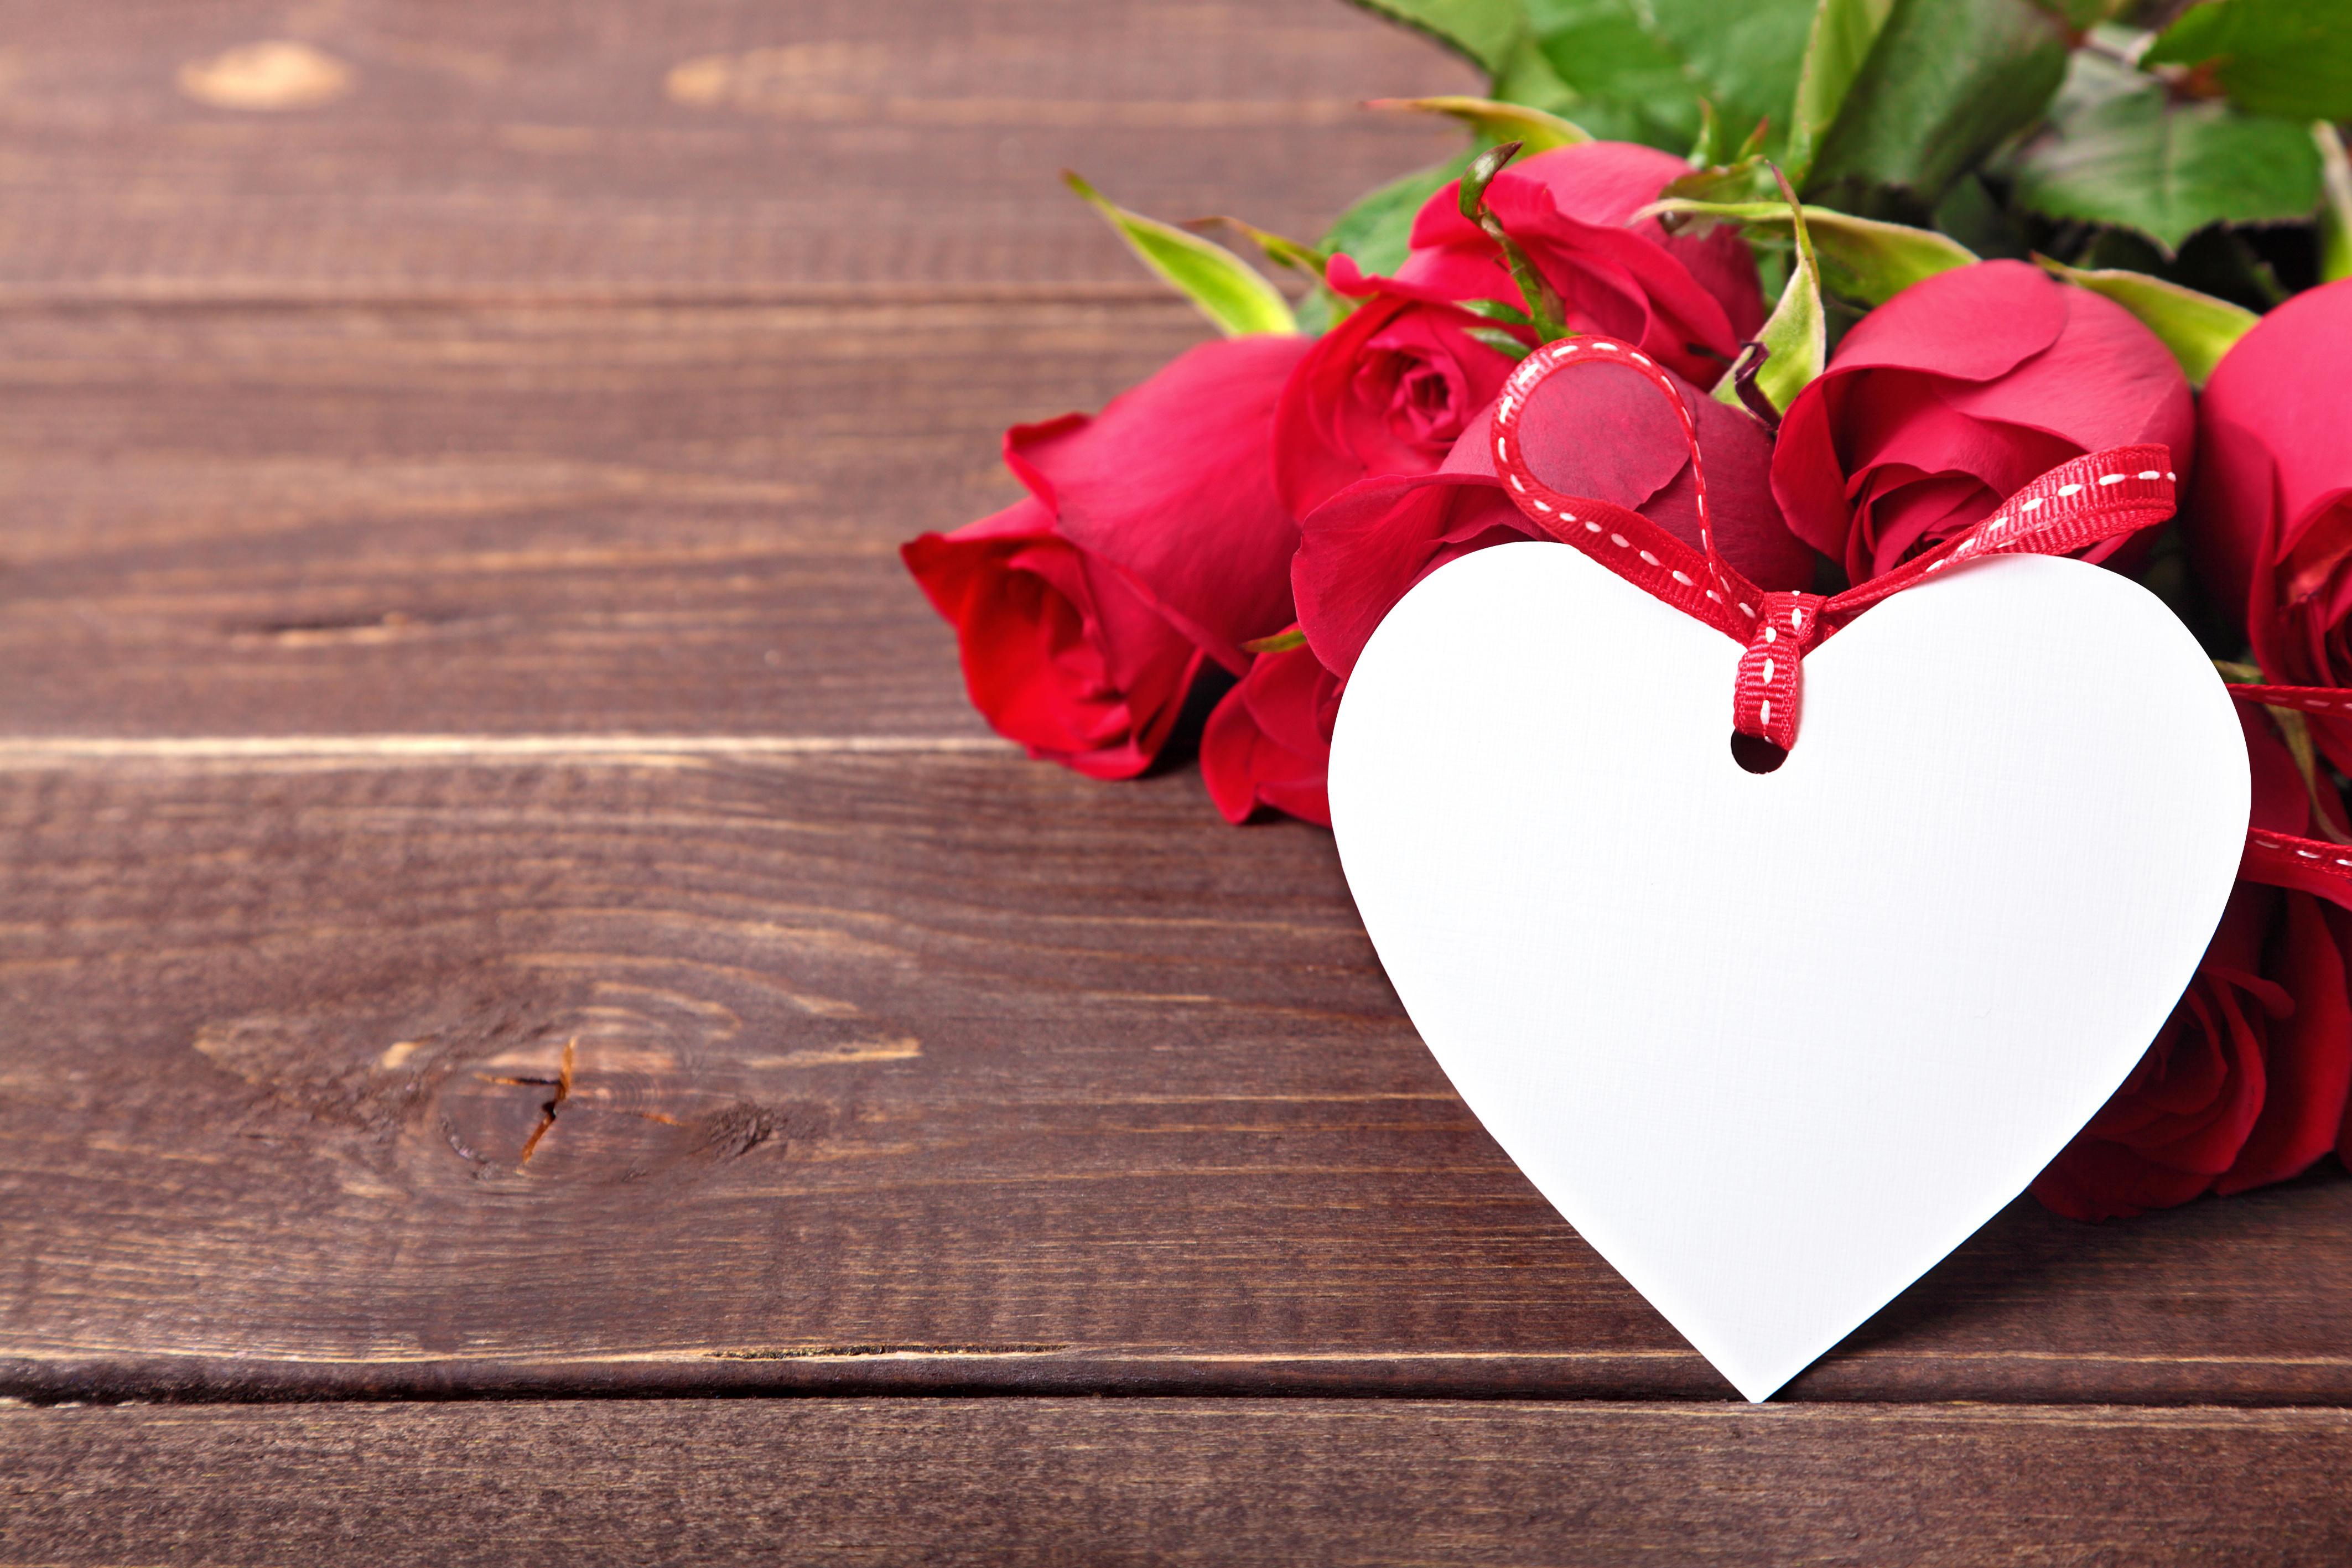 Красивые картинки с цветами и сердечками